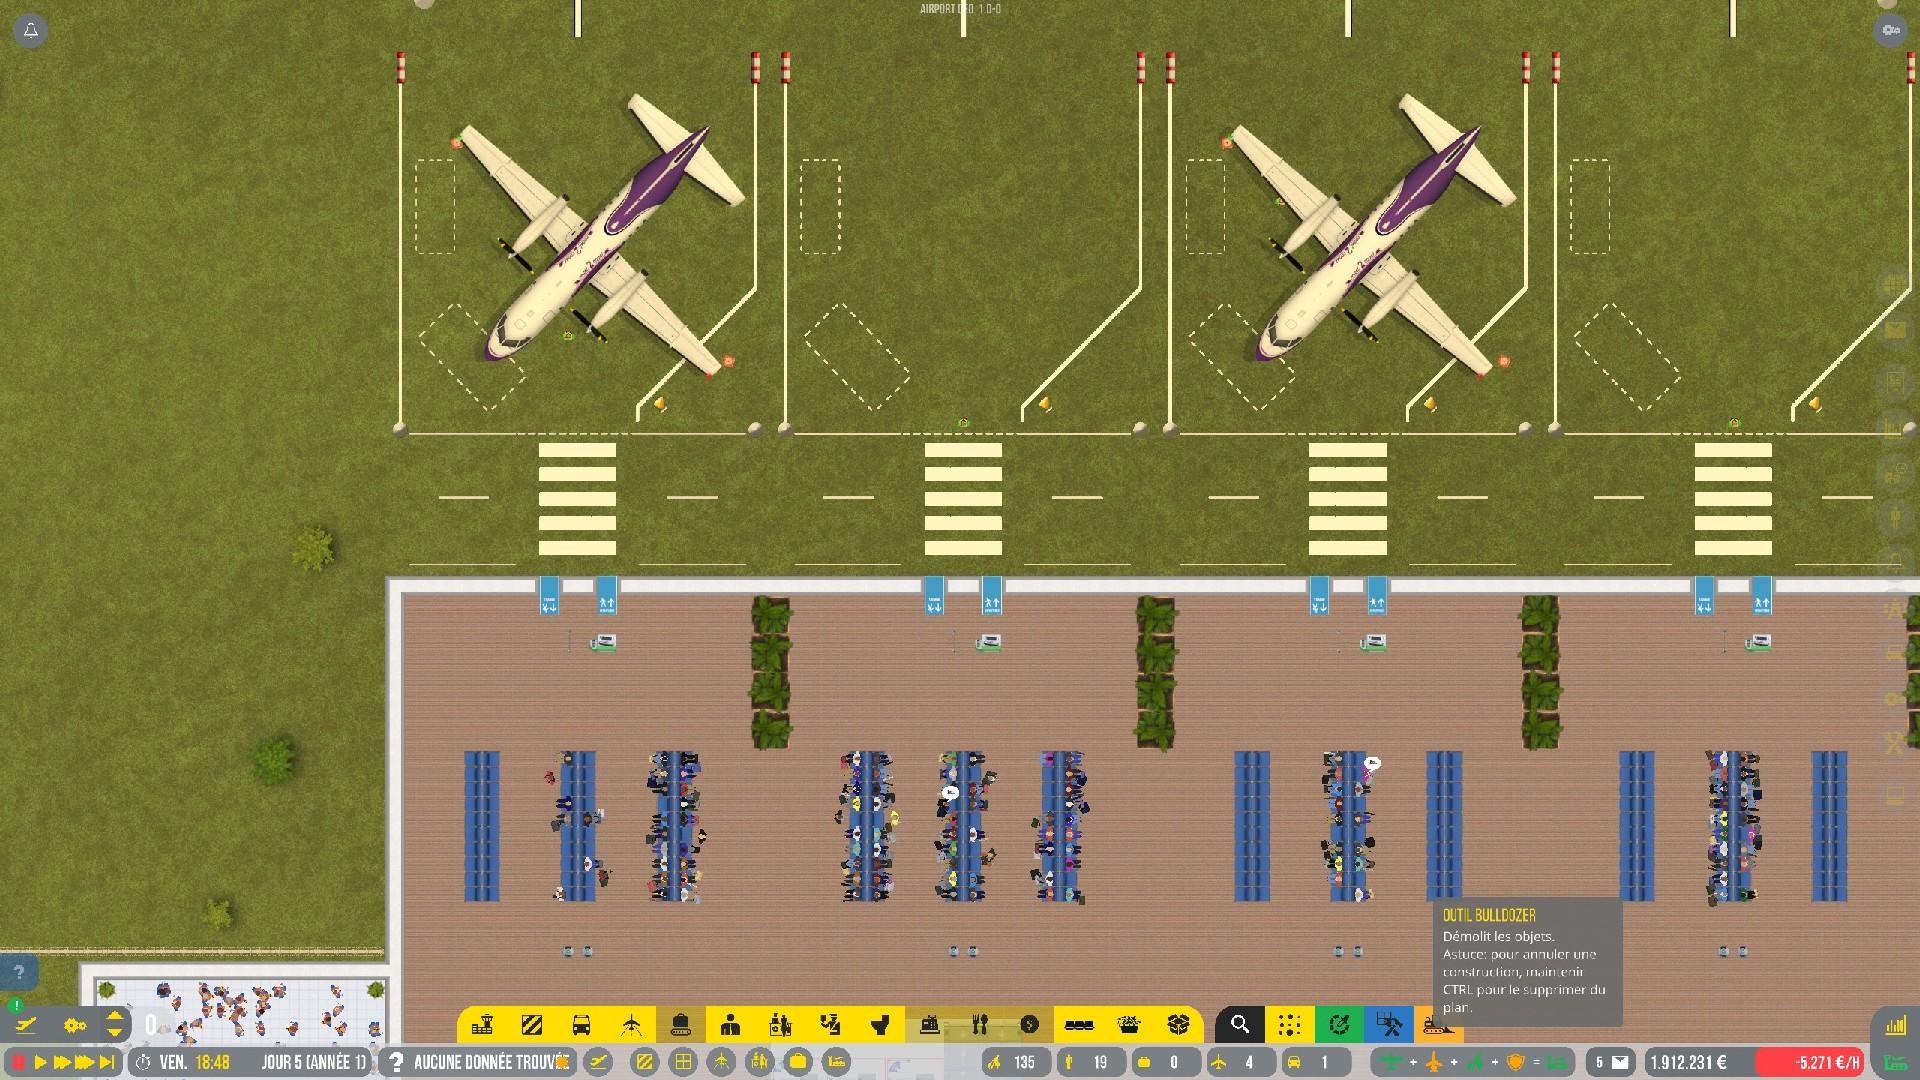 Oui, graphiquement, c'est brutal. À côté, Sim Airport et ses persos en pixel art ressemble à une superproduction Pixar.